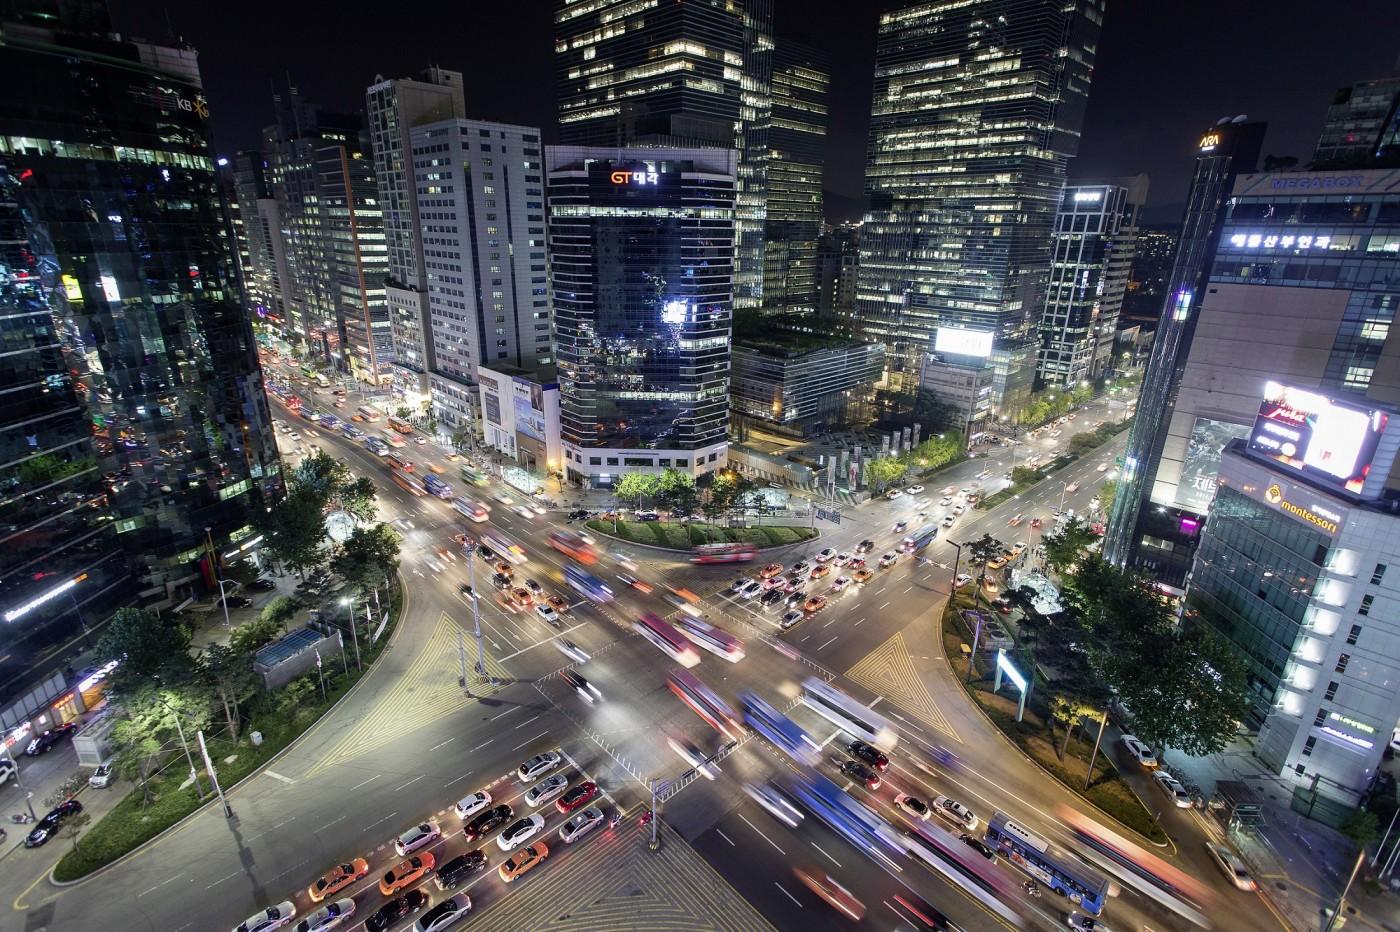 「智慧移動」大熱!直擊台灣新創如何與企業、創投搶攻全球